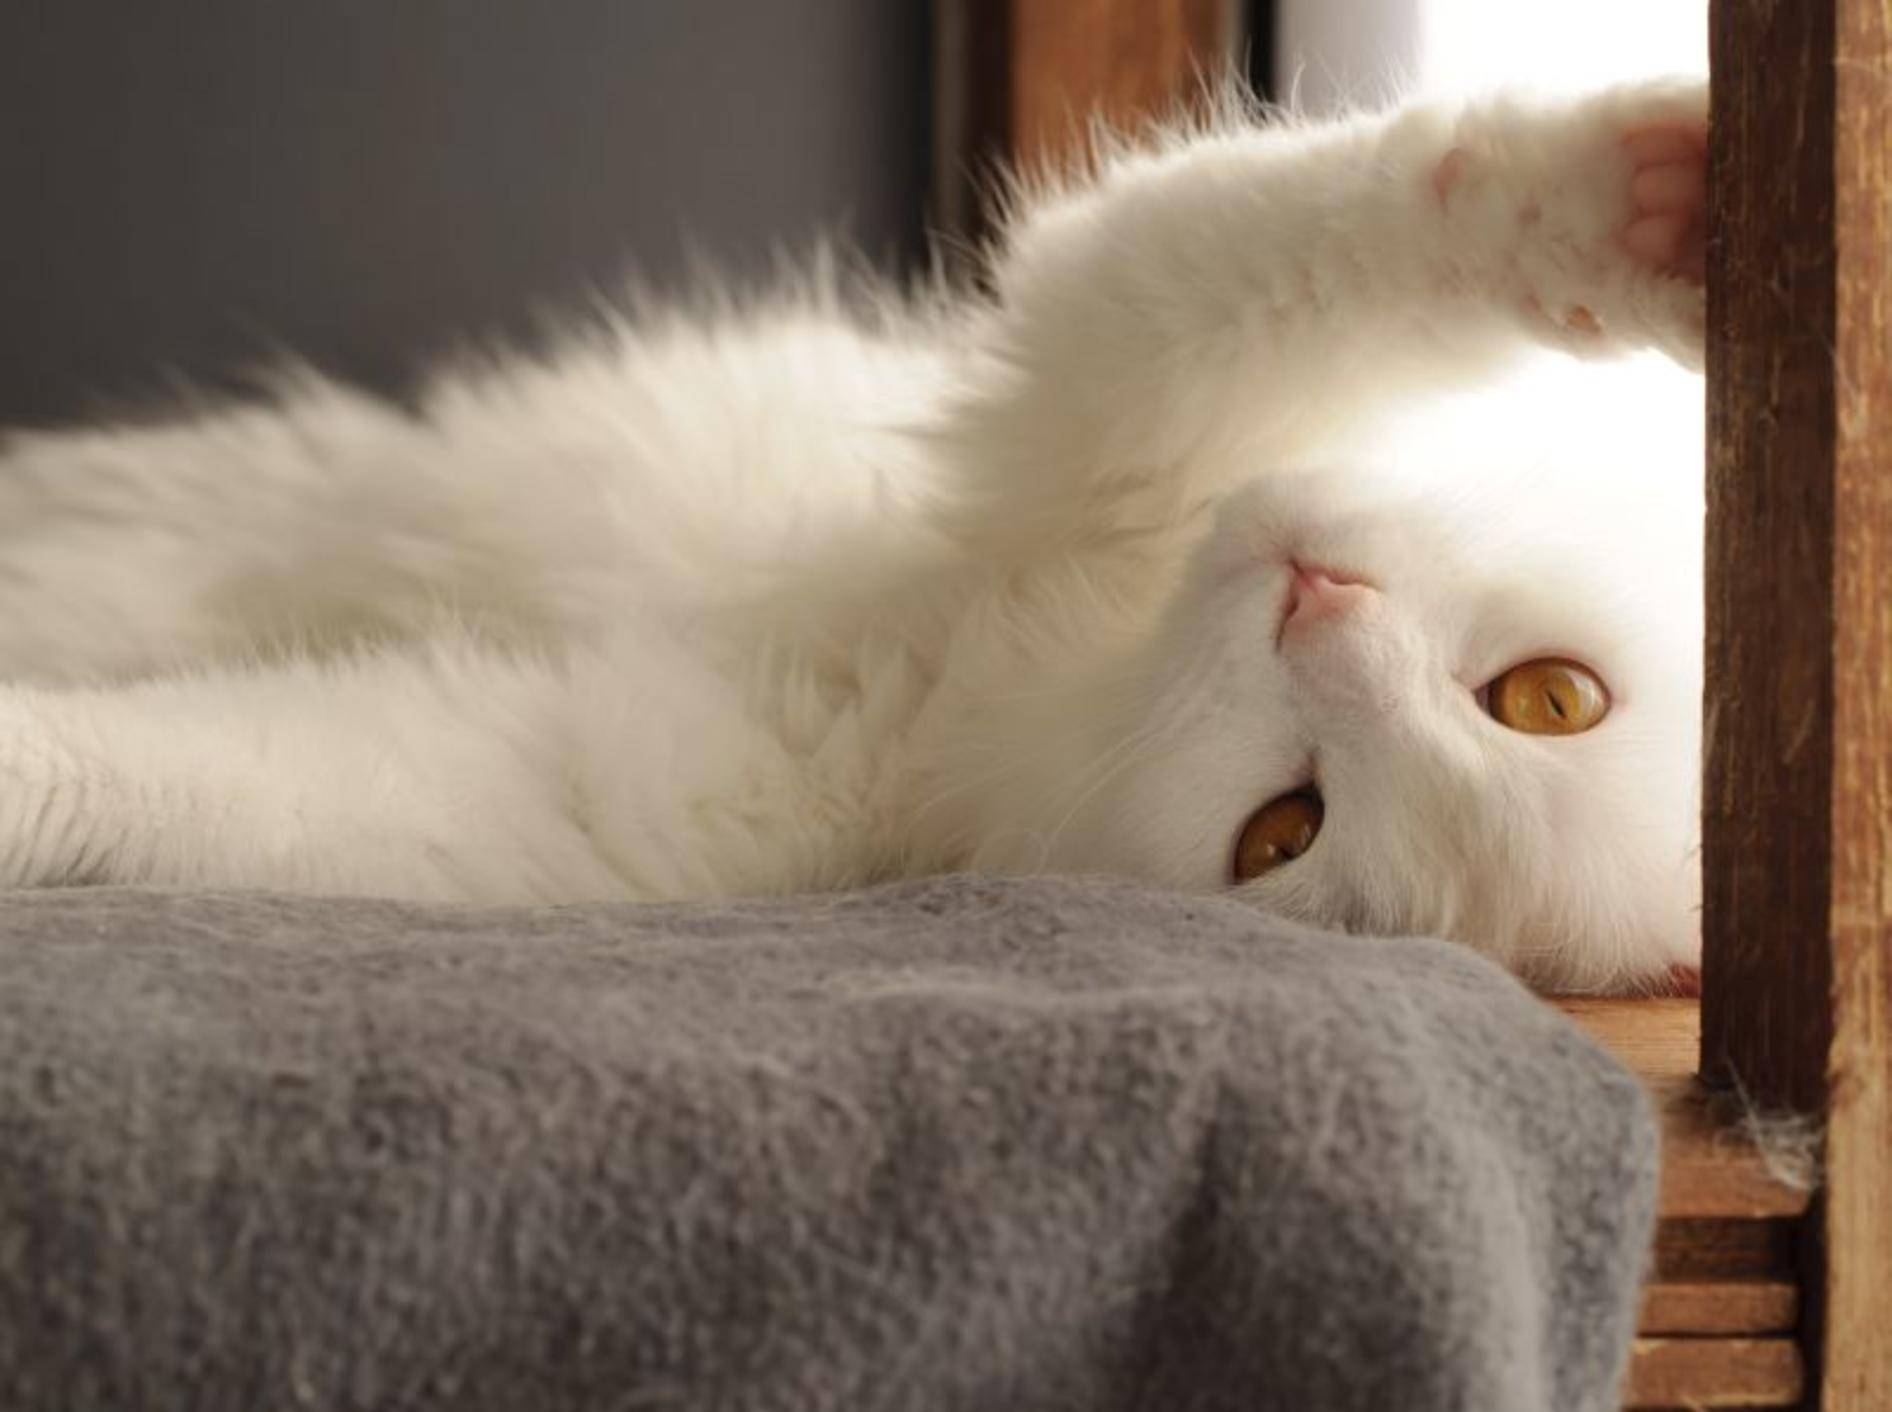 Schnurr, schnurr, schnurr: Wie macht die Katze das eigentlich? – Bild: Shutterstock / Dreambig